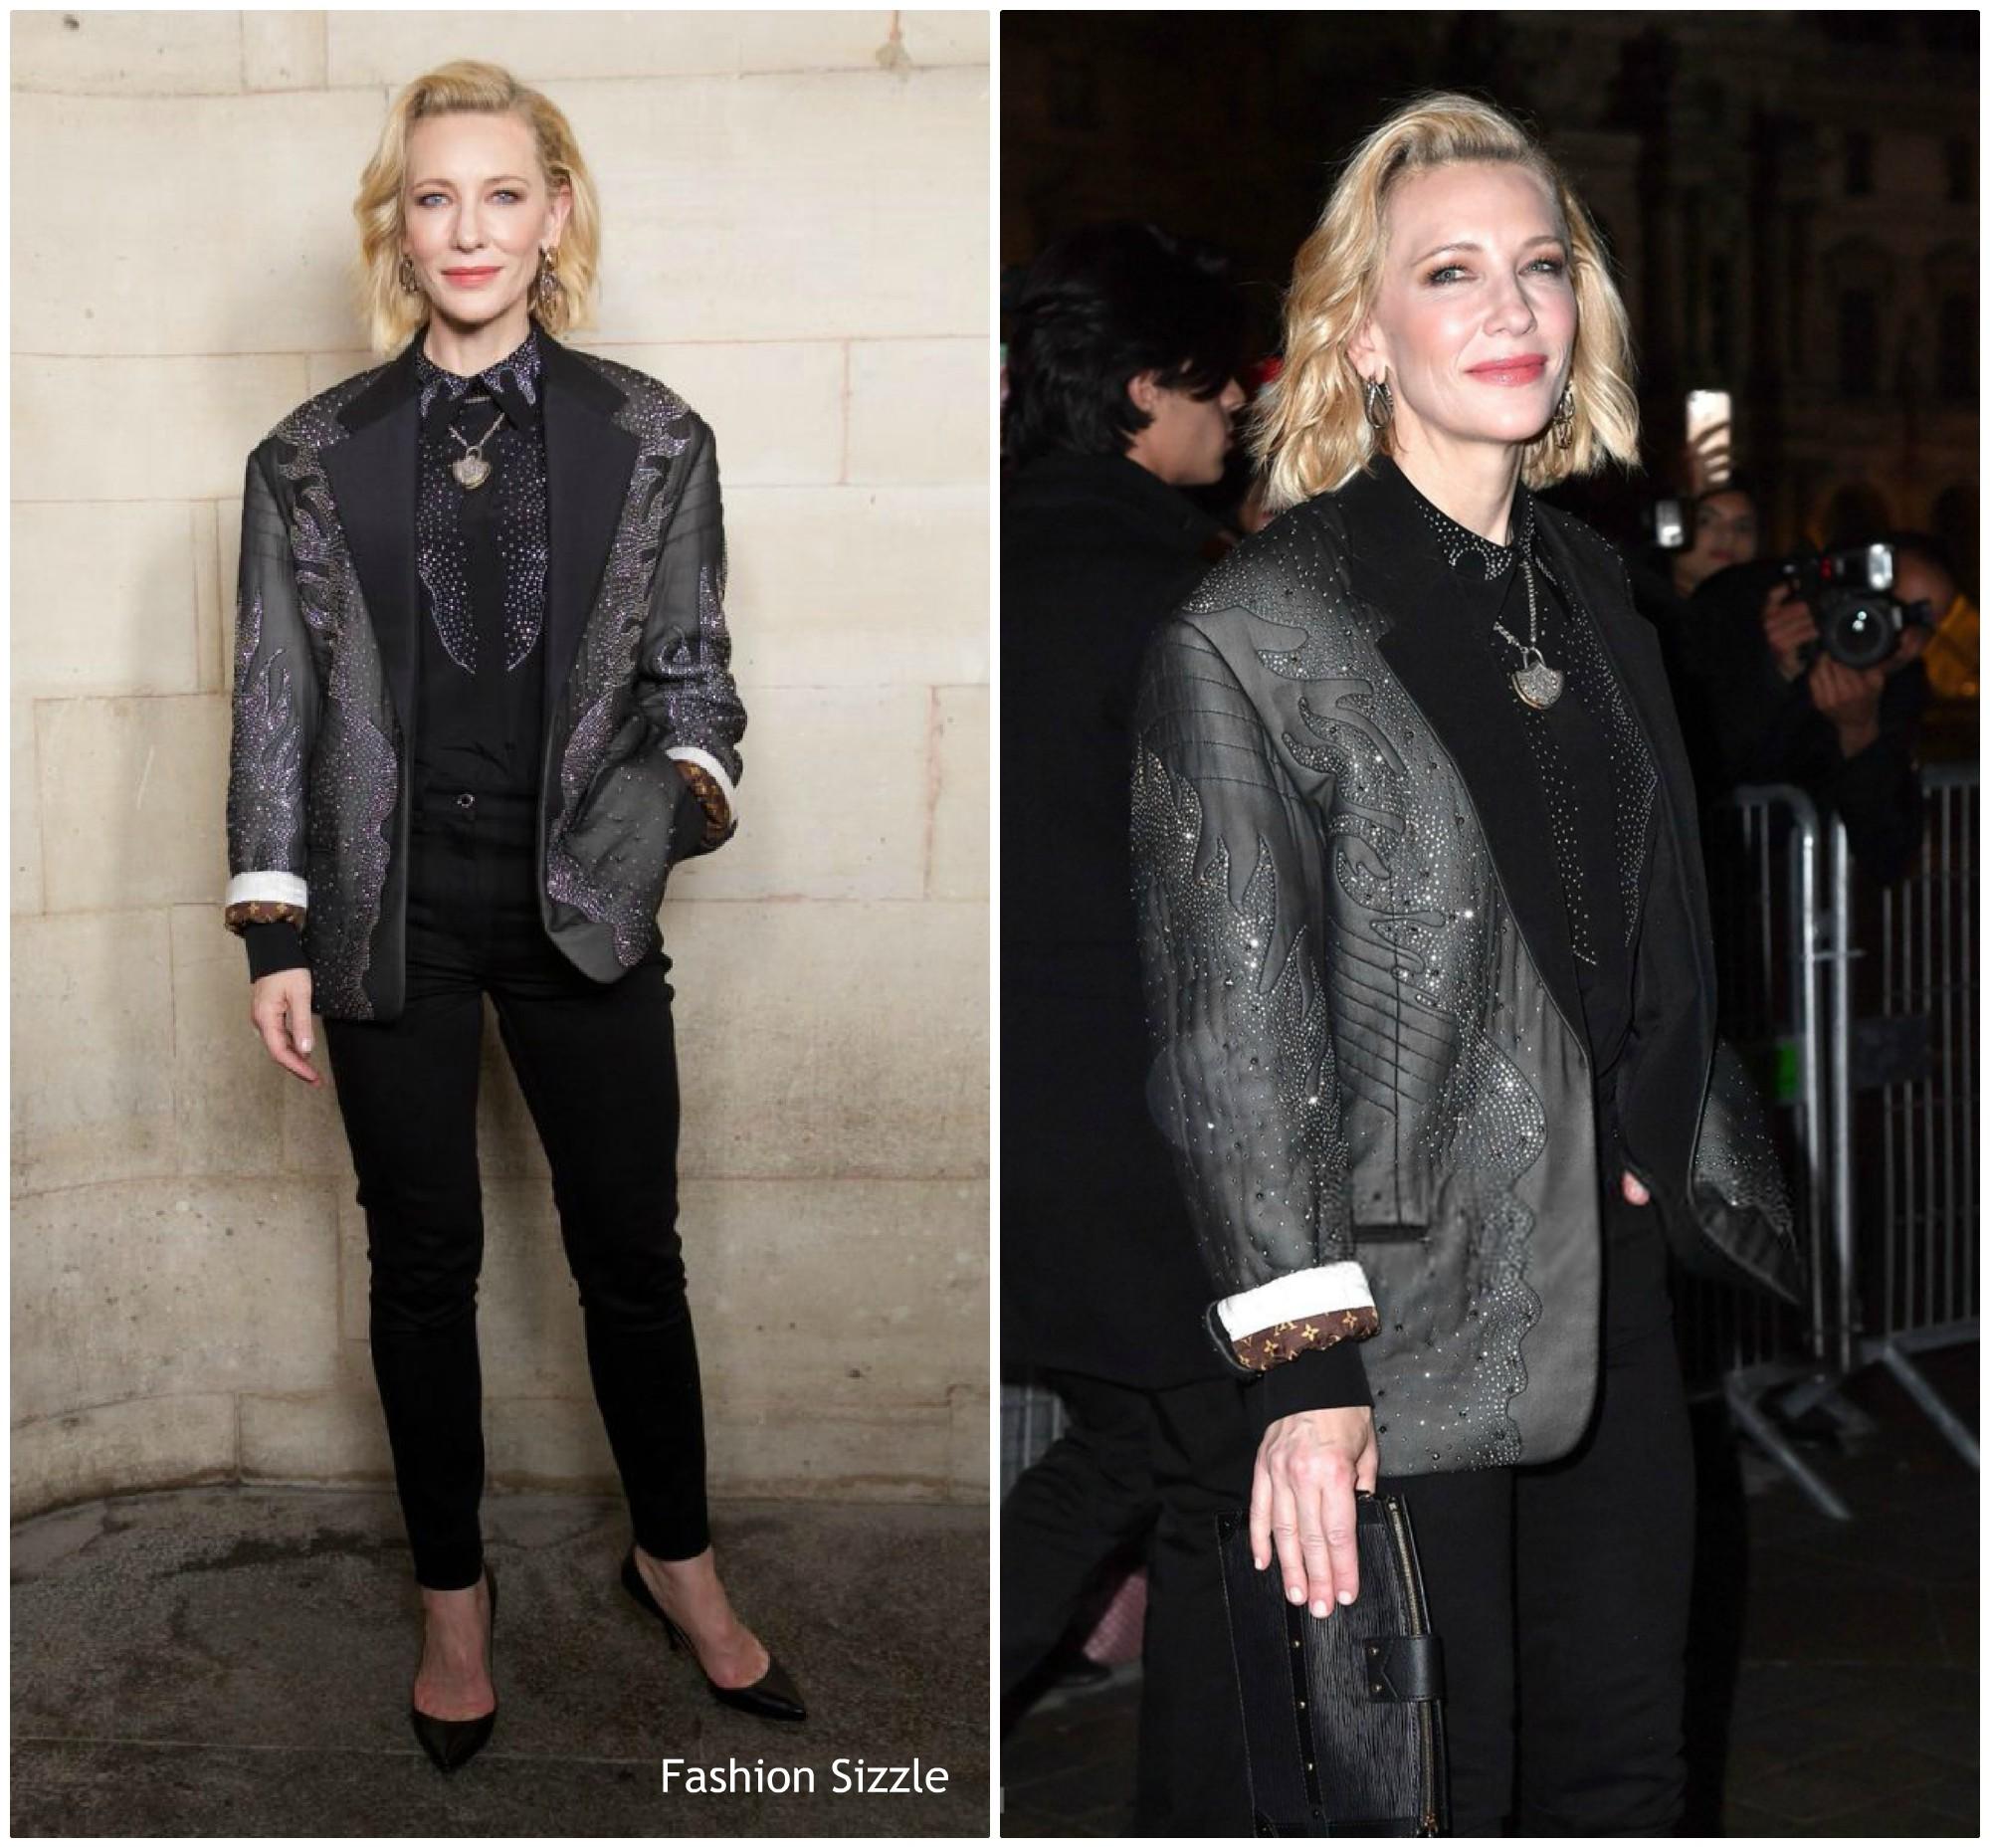 cate-blanchett-in-louis-vuitton-louis-vuitton-spring-2019-fashion-show-paris